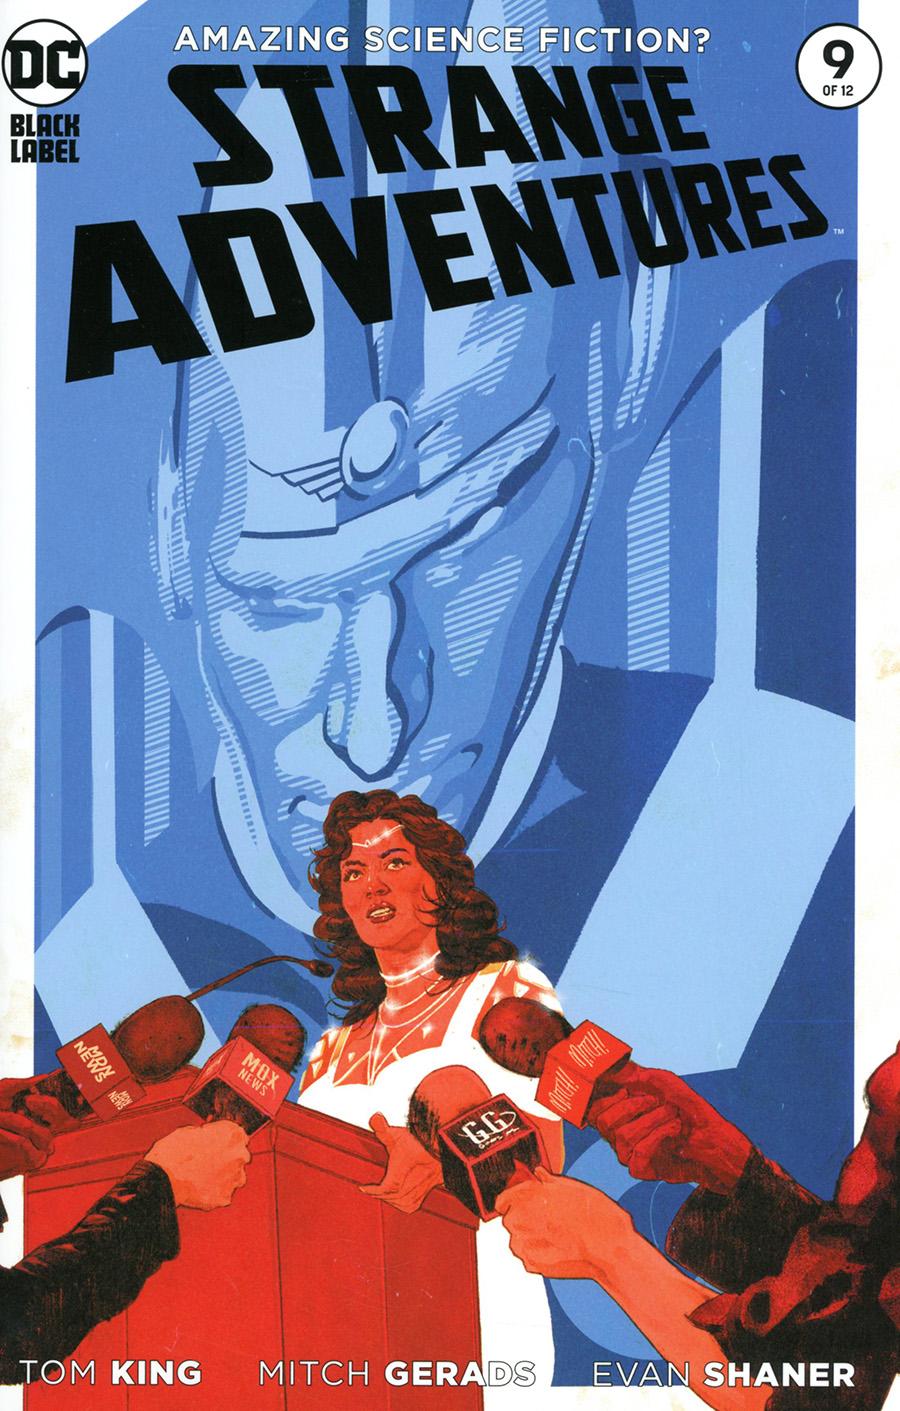 Strange Adventures Vol 4 #9 Cover A Regular Mitch Gerads Cover